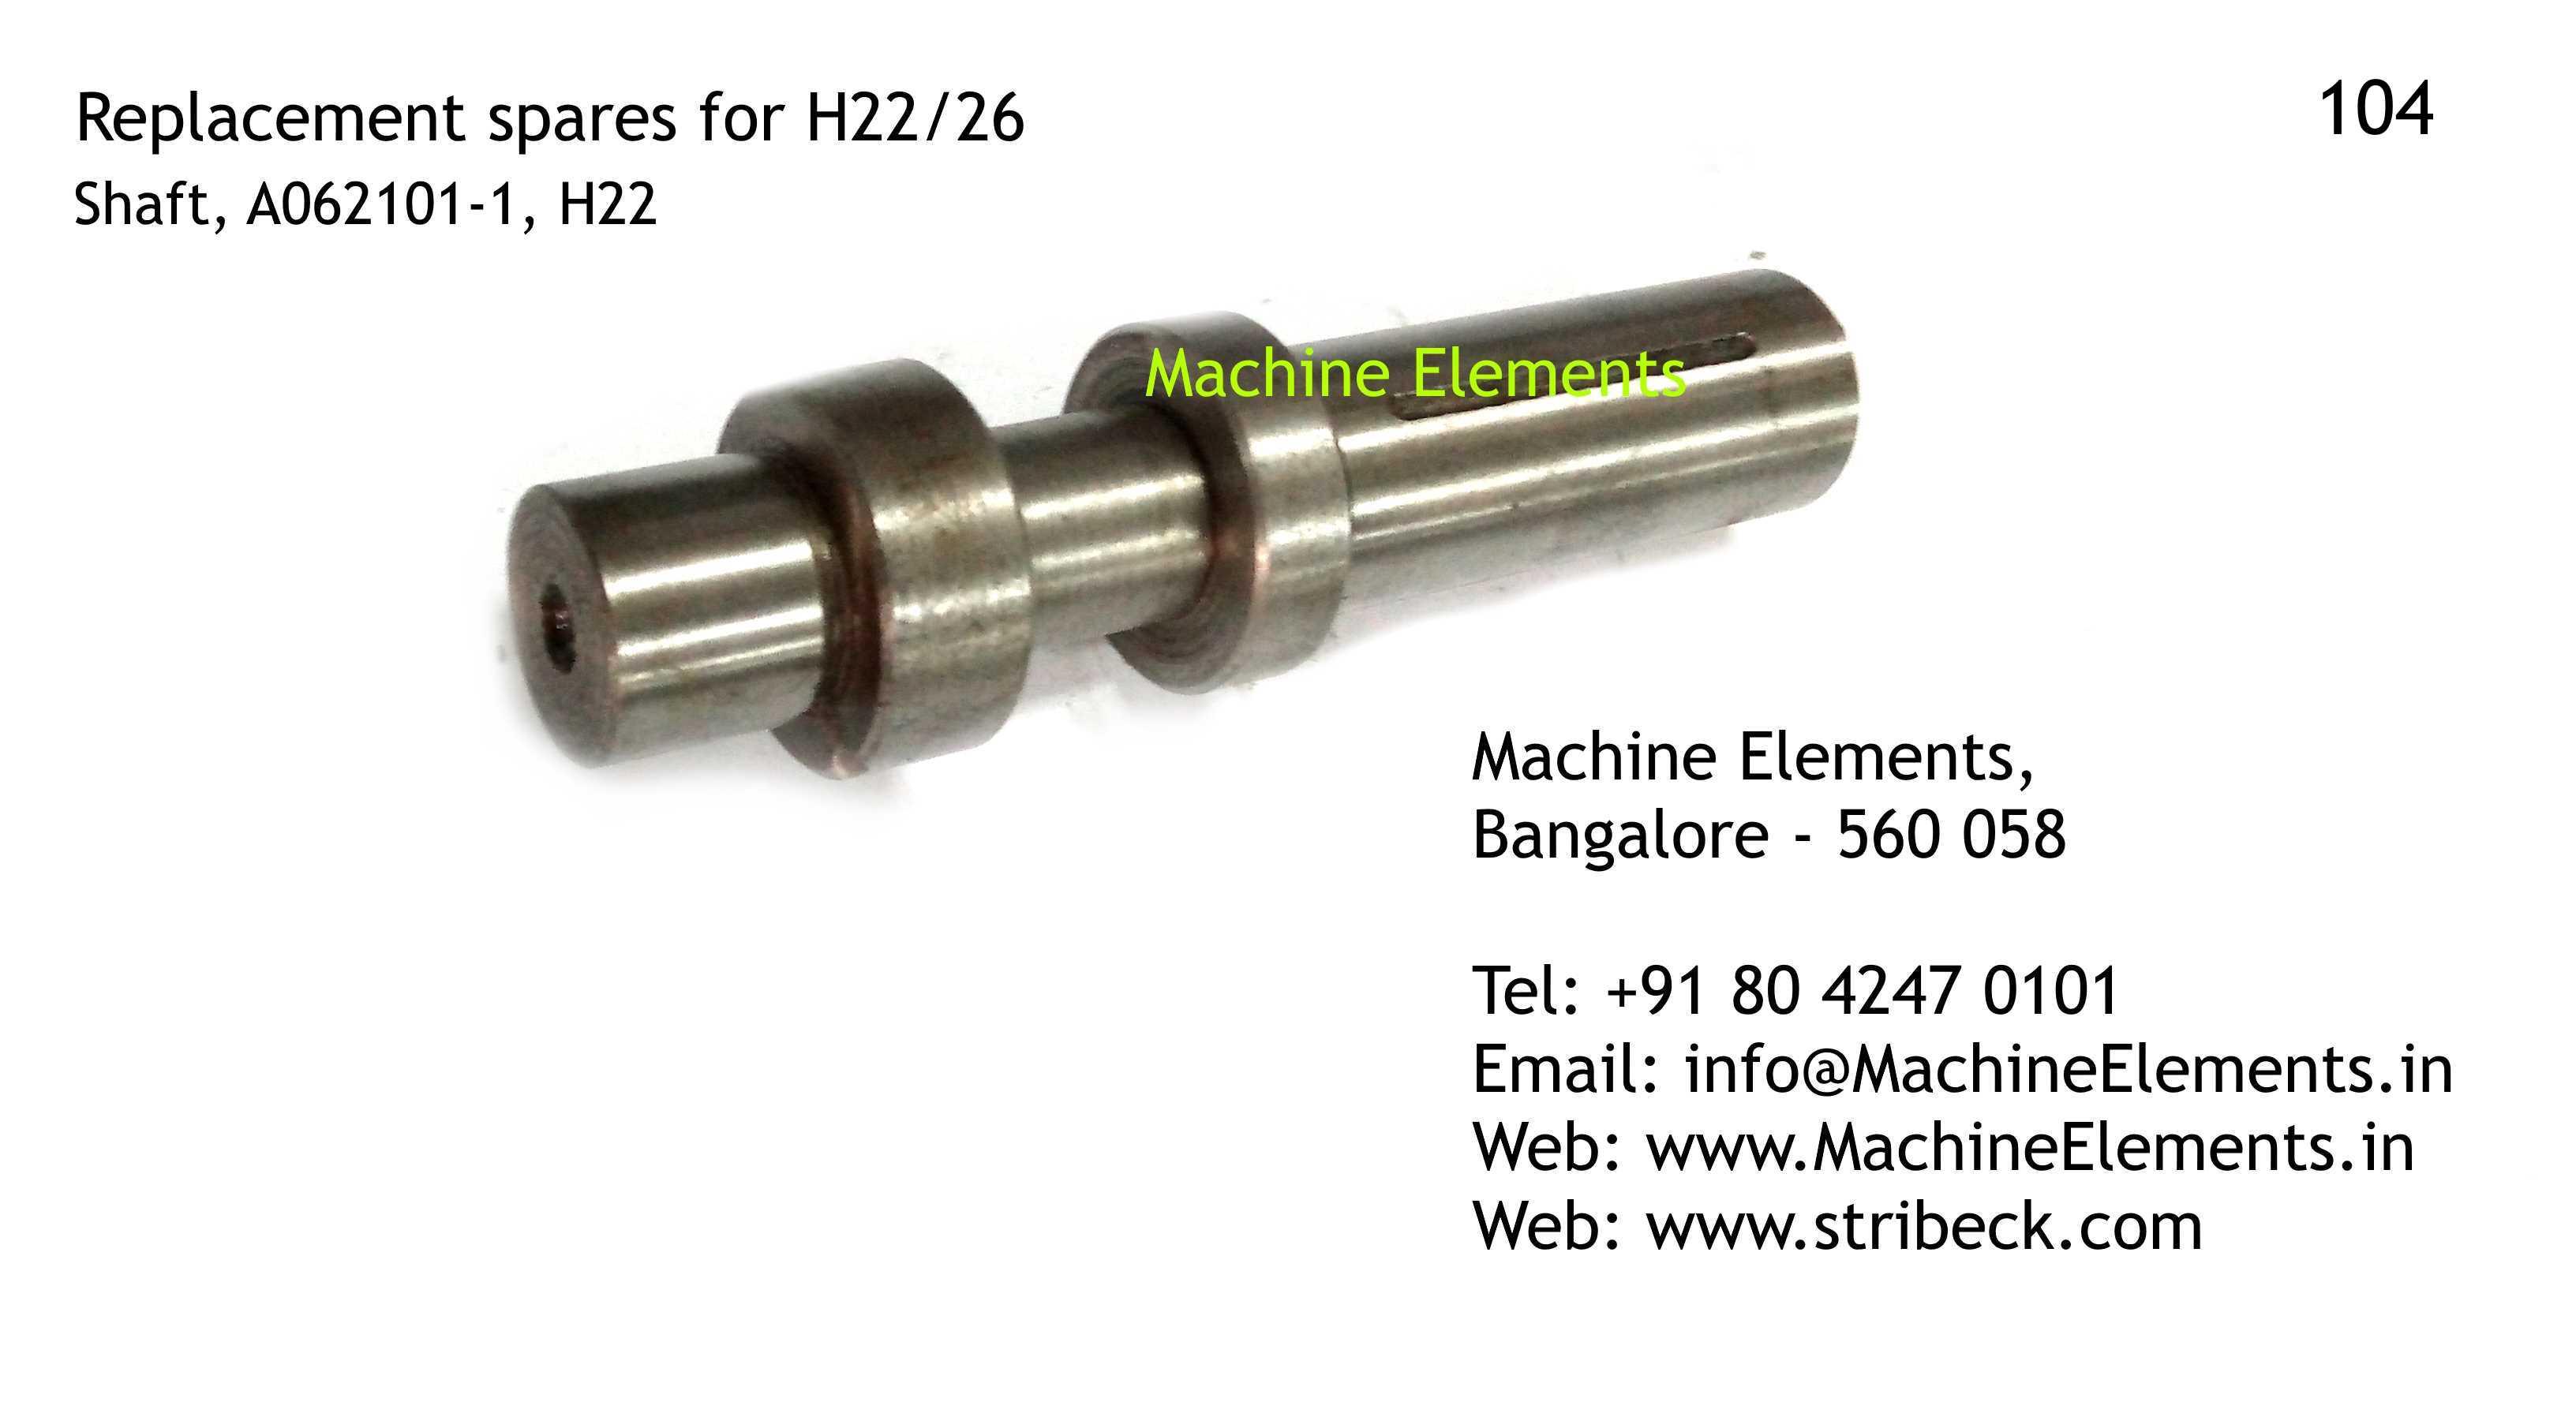 Shaft, A062101-1, H22